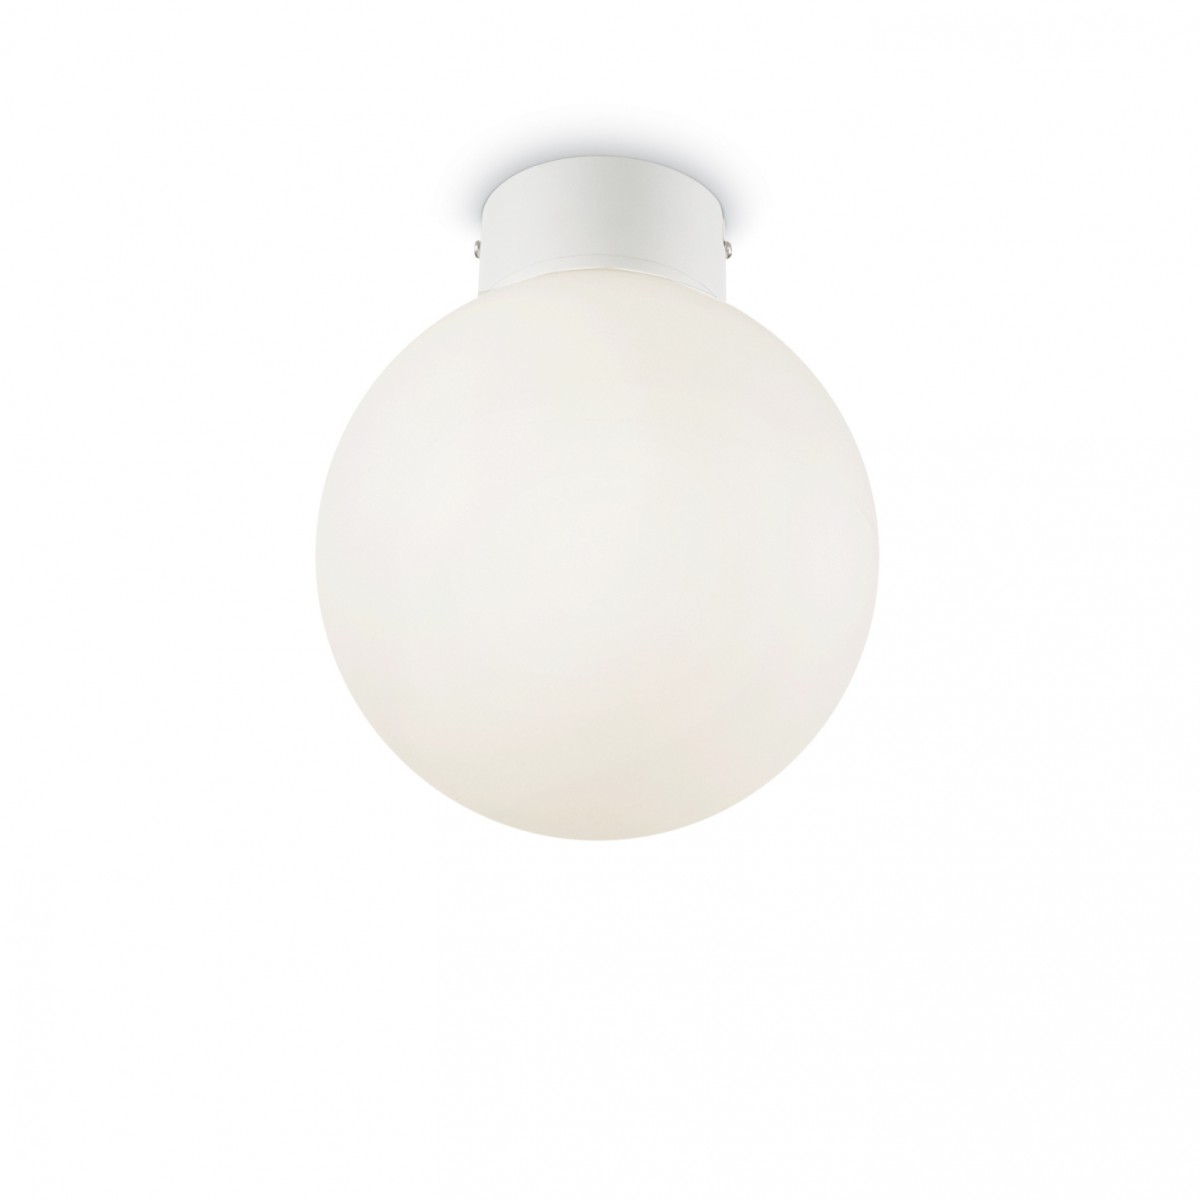 venkovní stropní lampa Ideal Lux Symphony PL1 149783 1x60W E27 - komplexní venkovní osvětlení